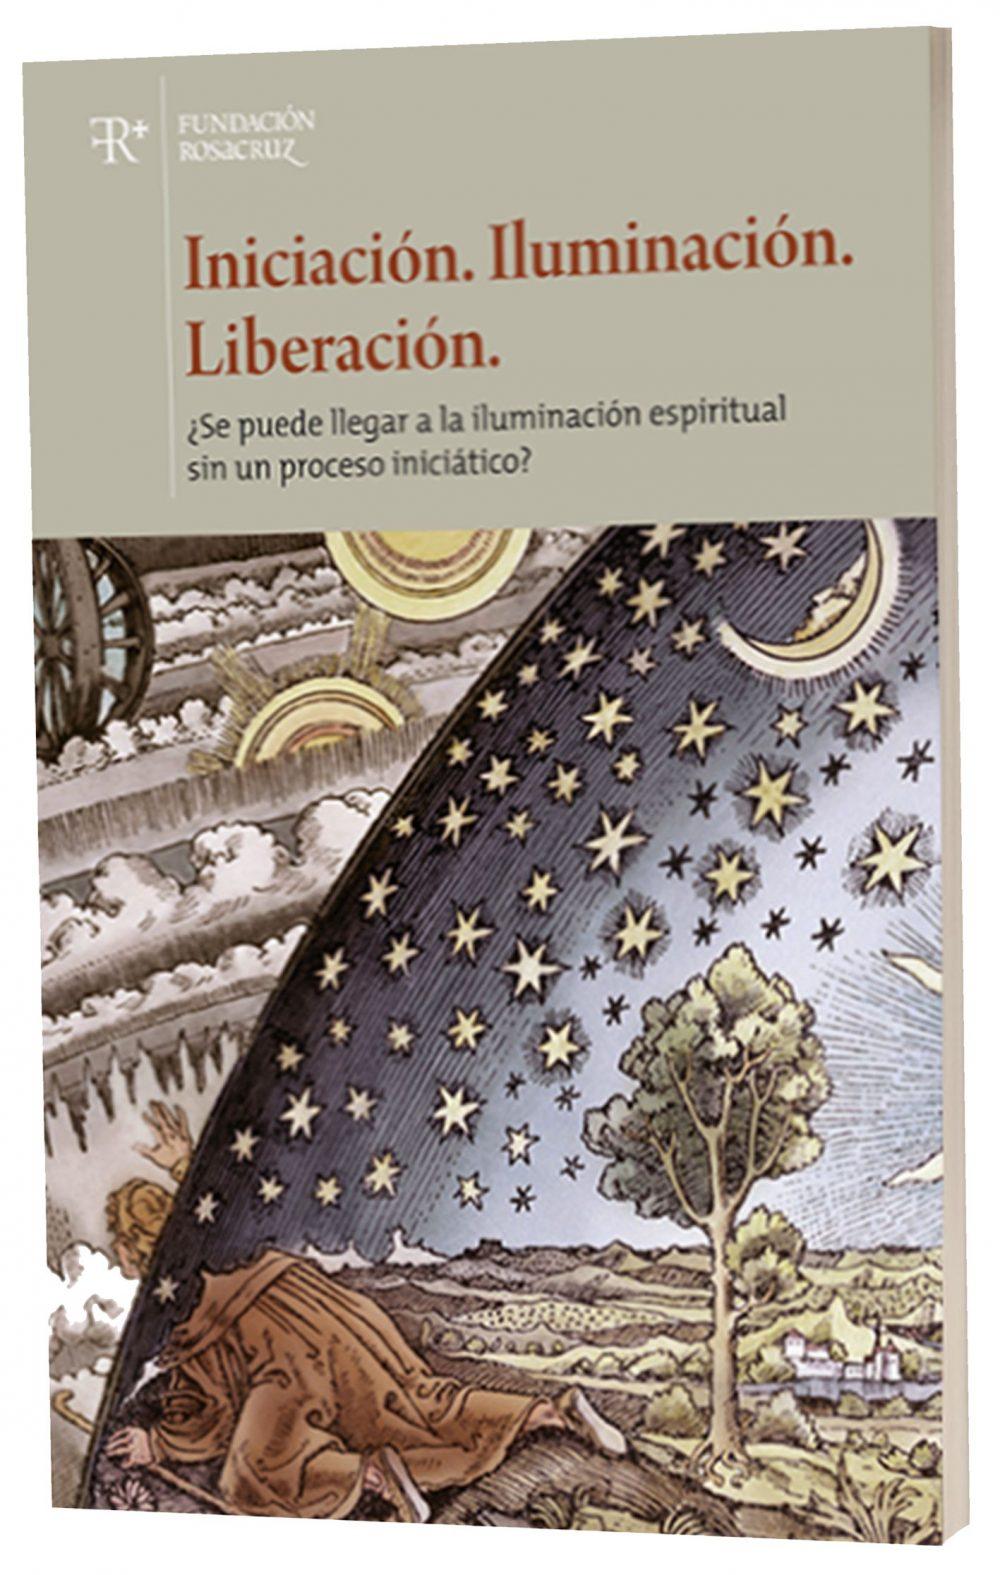 Portada Libro - Iniciacion Iluminacion Liberacion